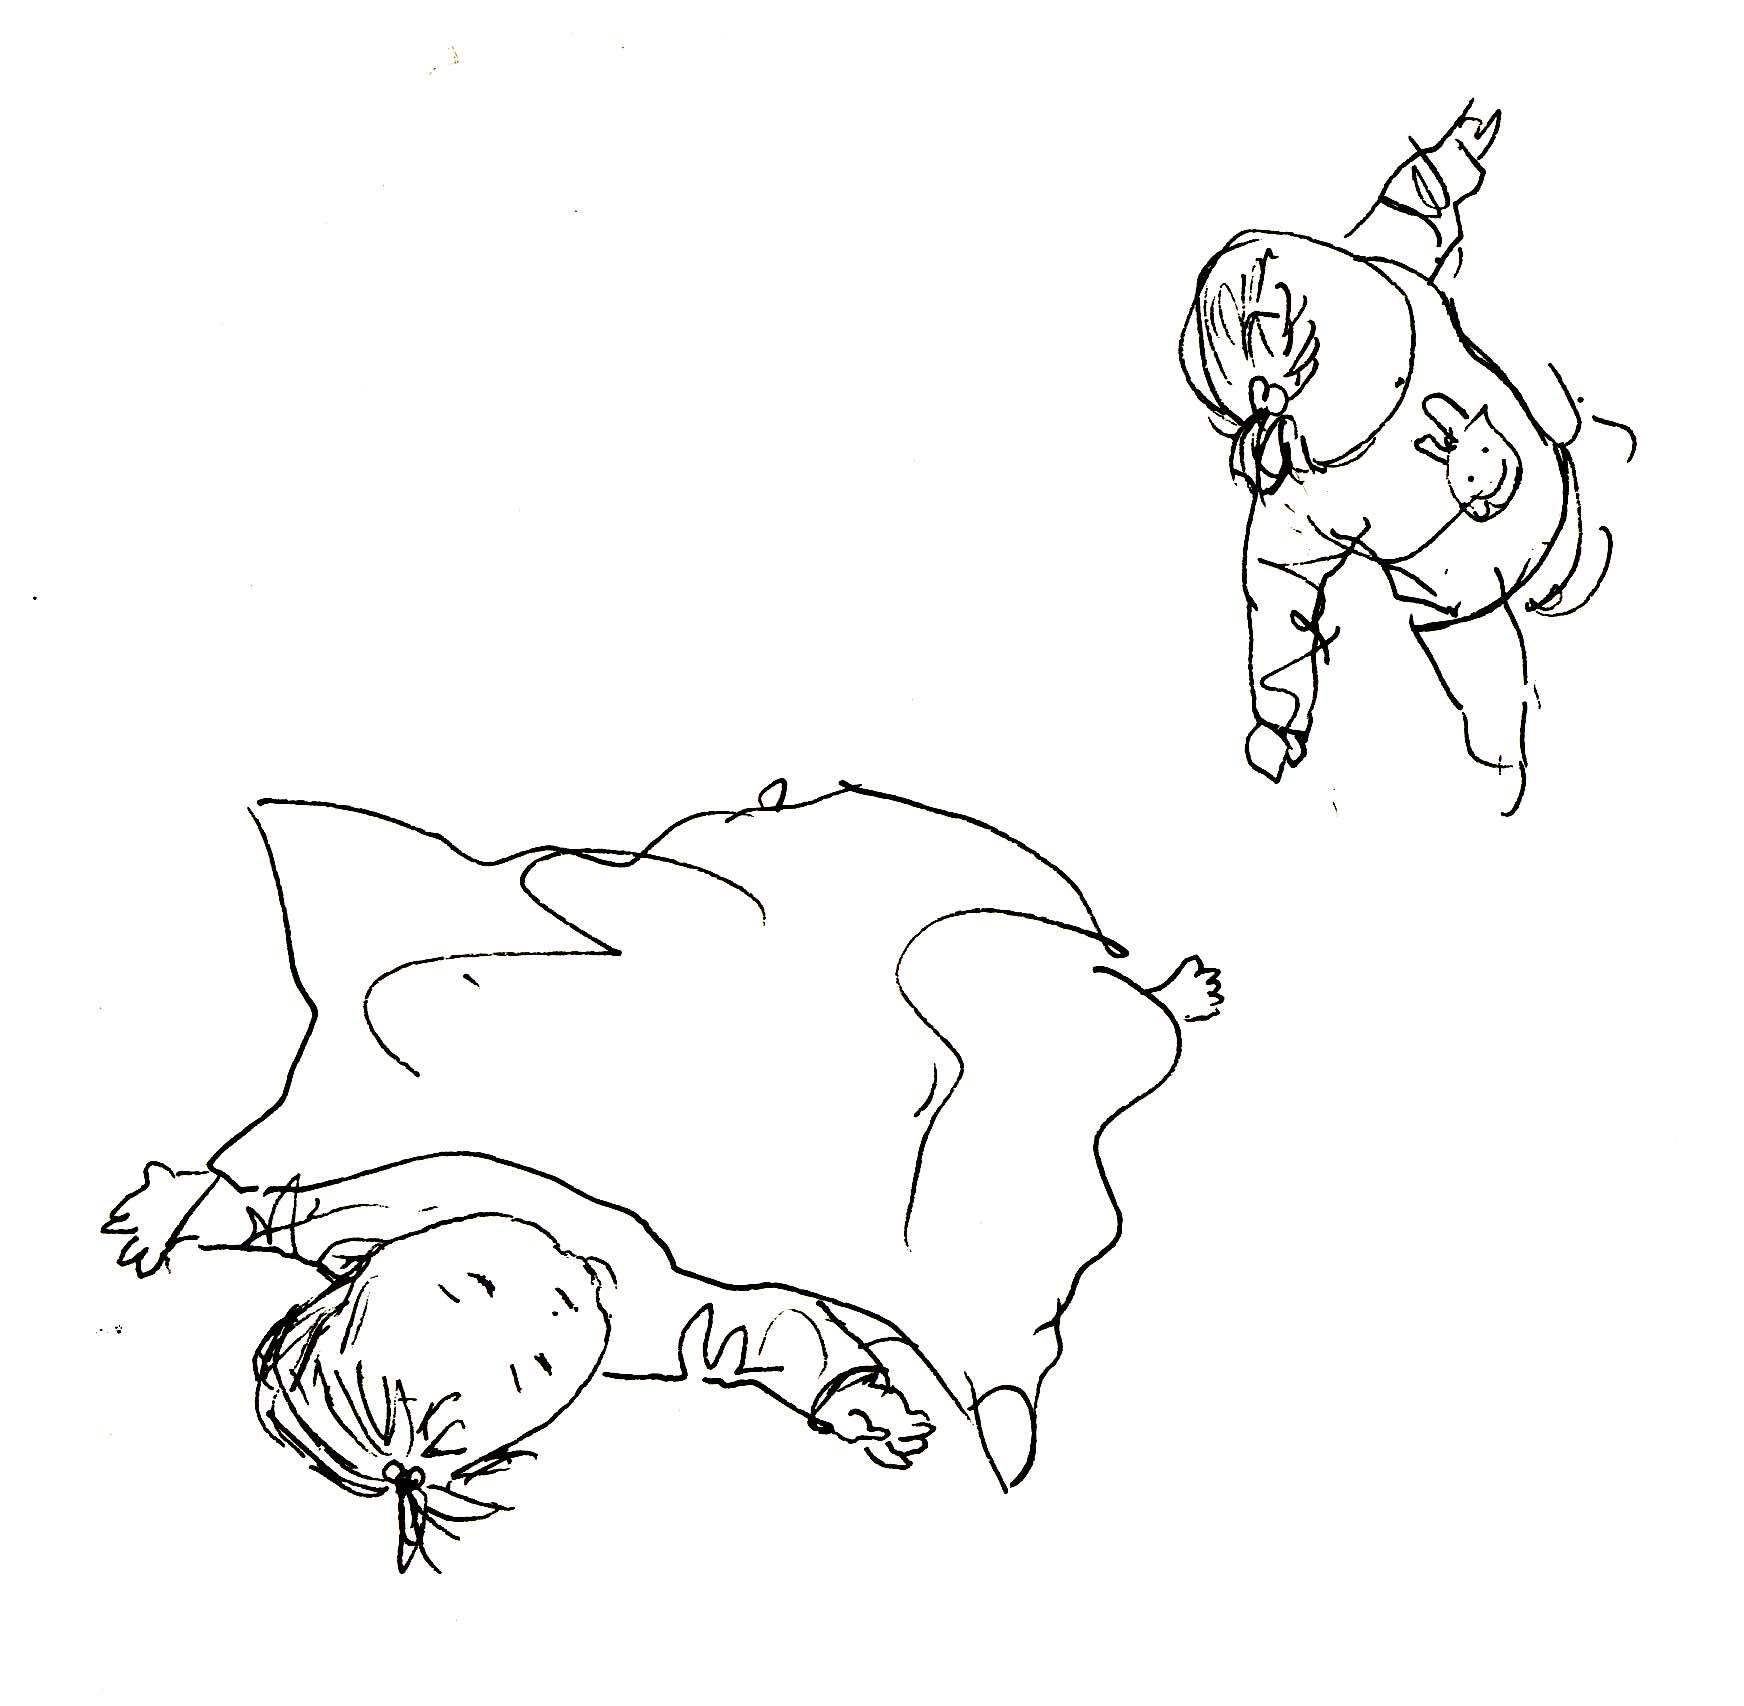 あかちゃんスケッチ_f0072976_0222356.jpg